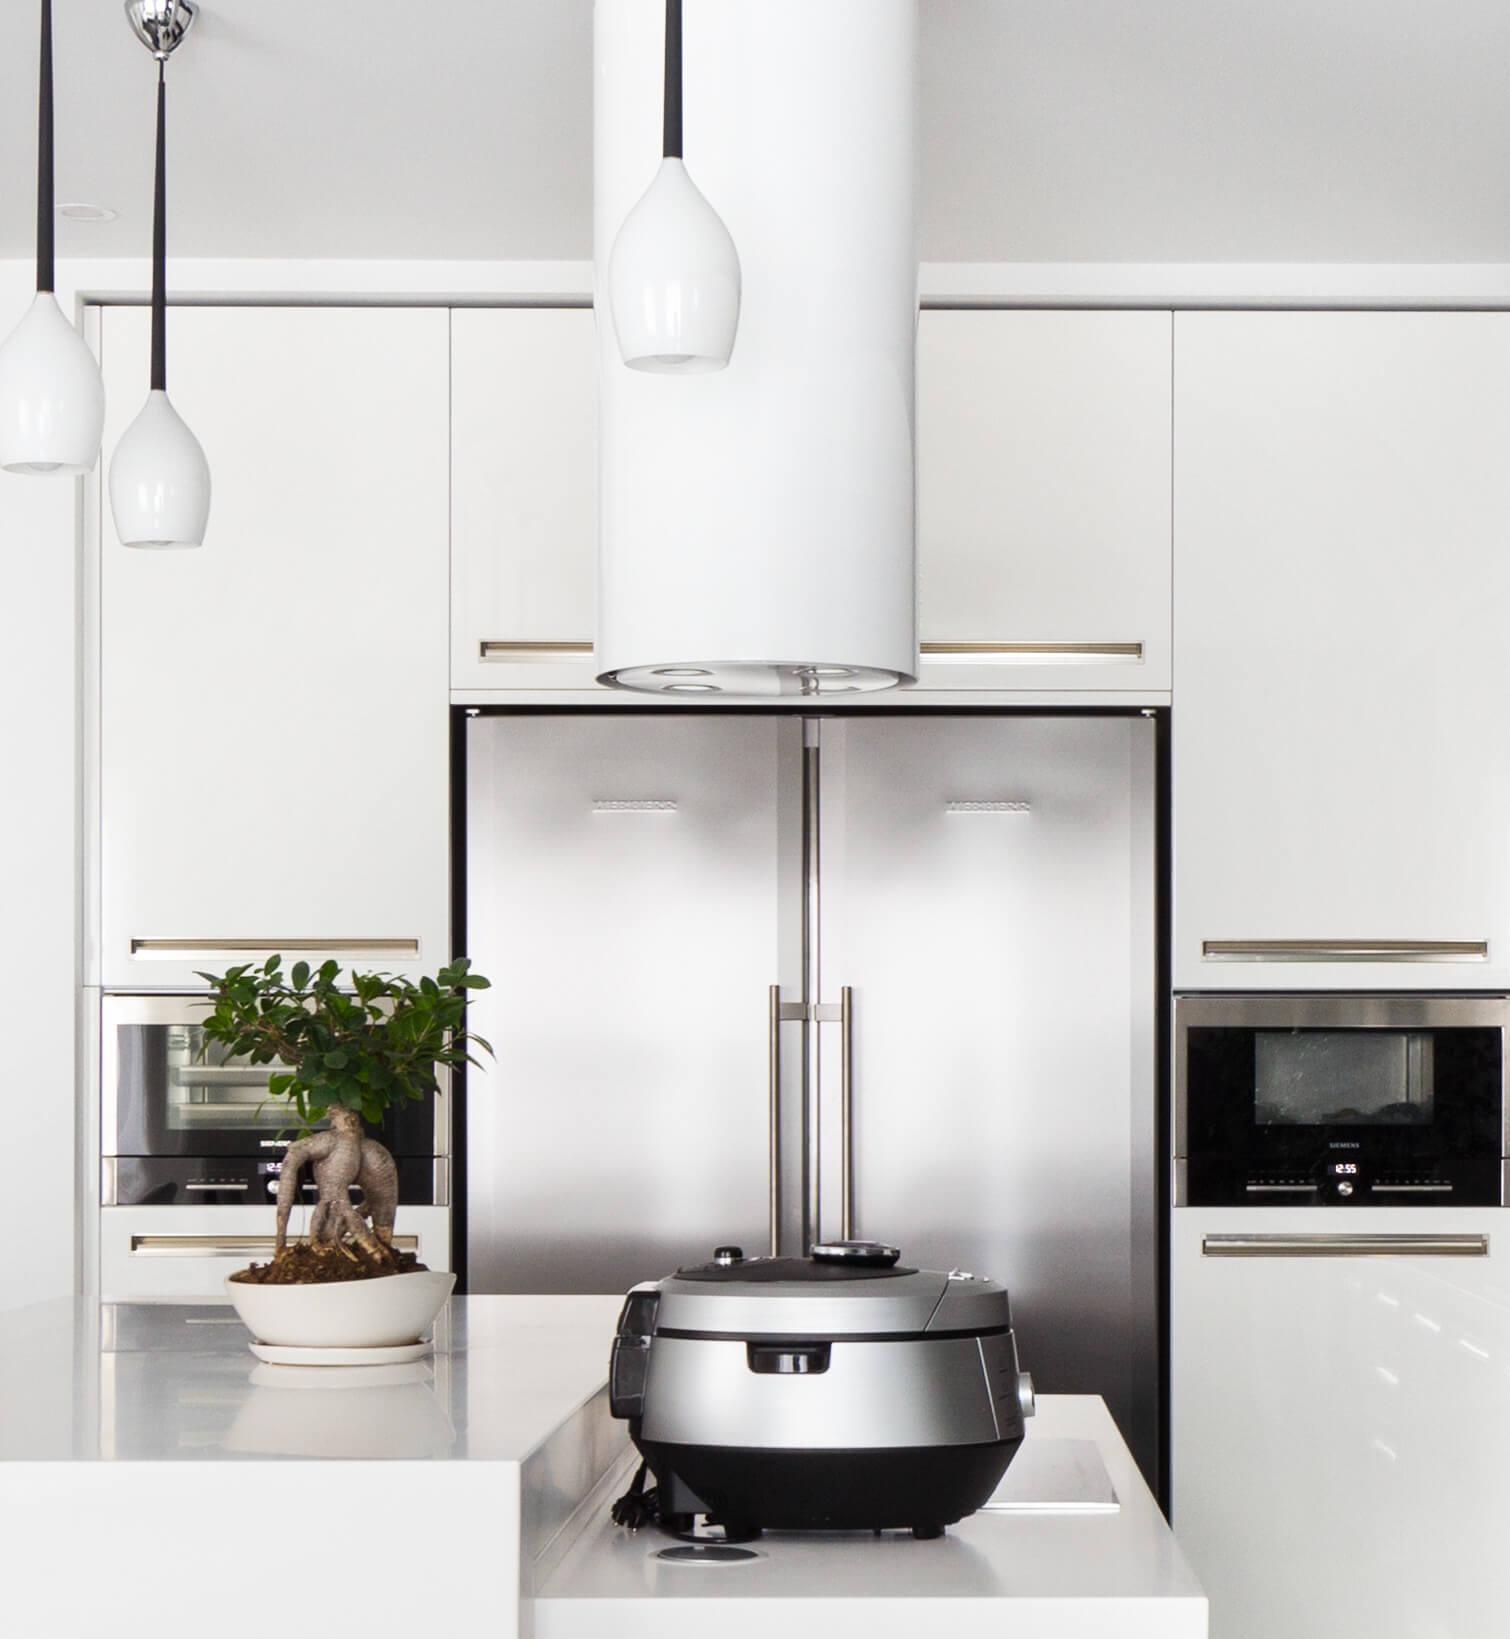 Кухня в квартире в ЖК «Миракс Парк» - Заказать дизайн интерьера